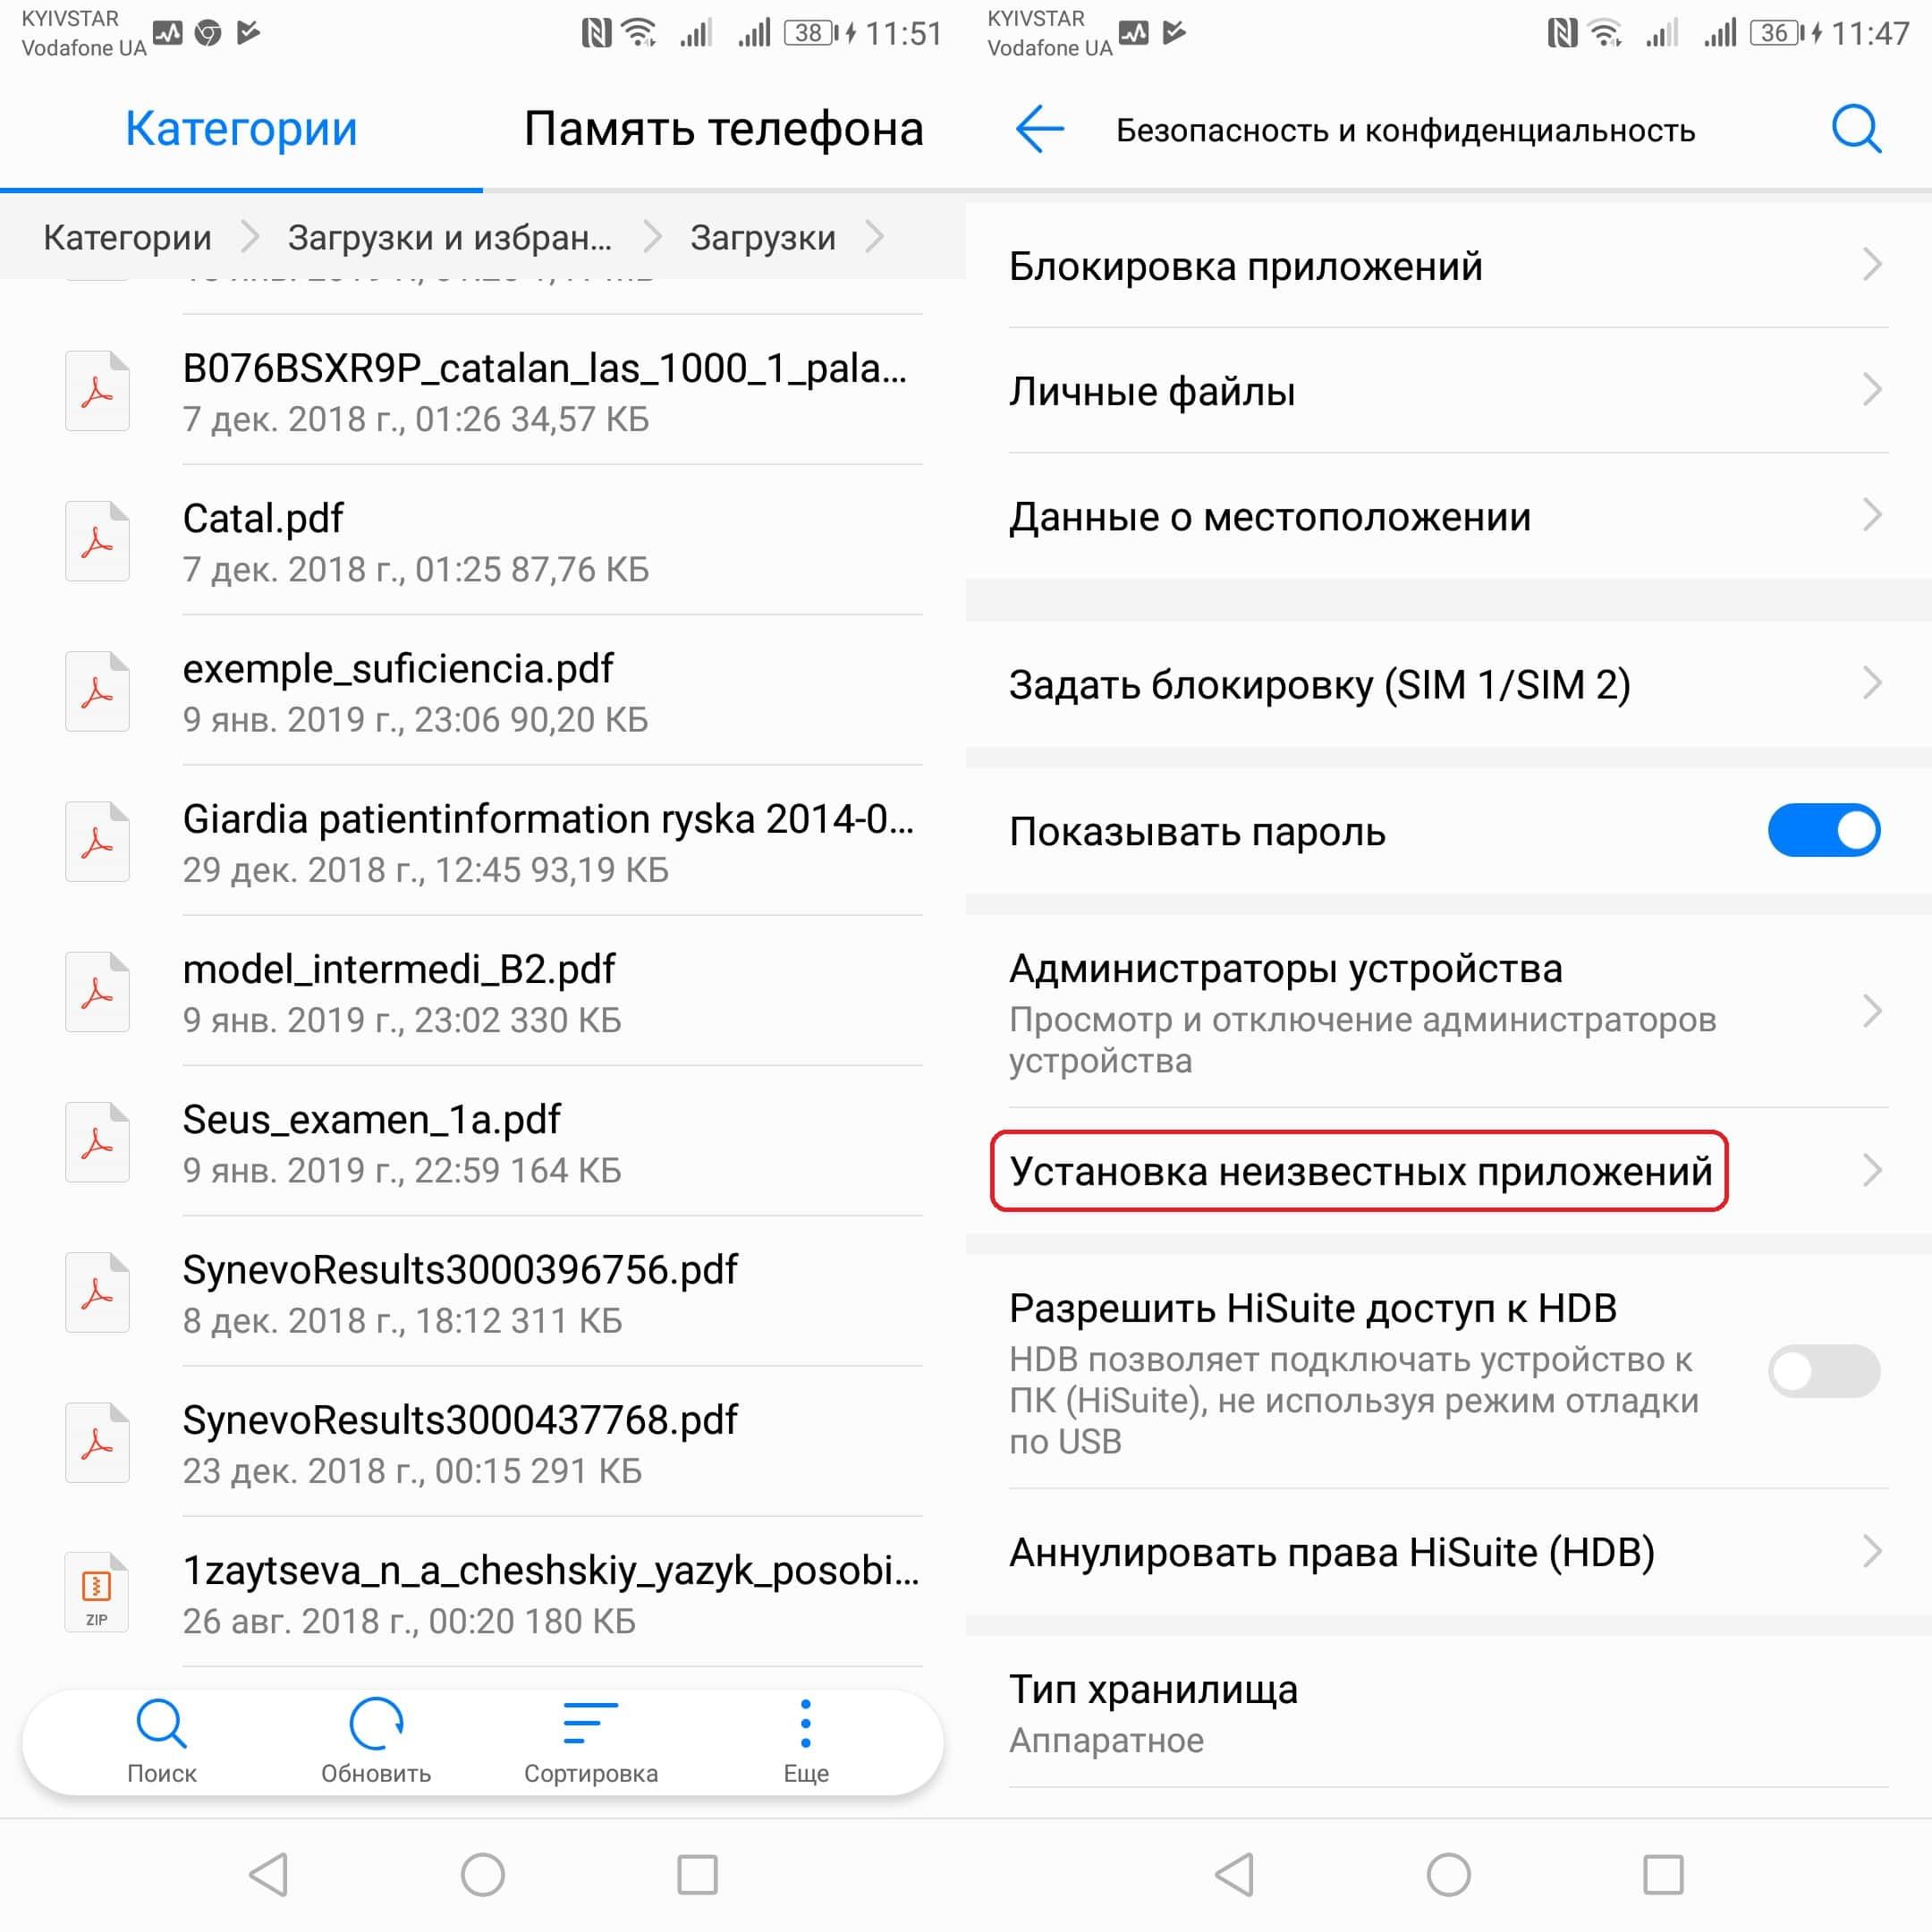 Картинка 2 WhatsApp APK: Как стать бета-тестером или скачать старую версию WhatsApp на Android